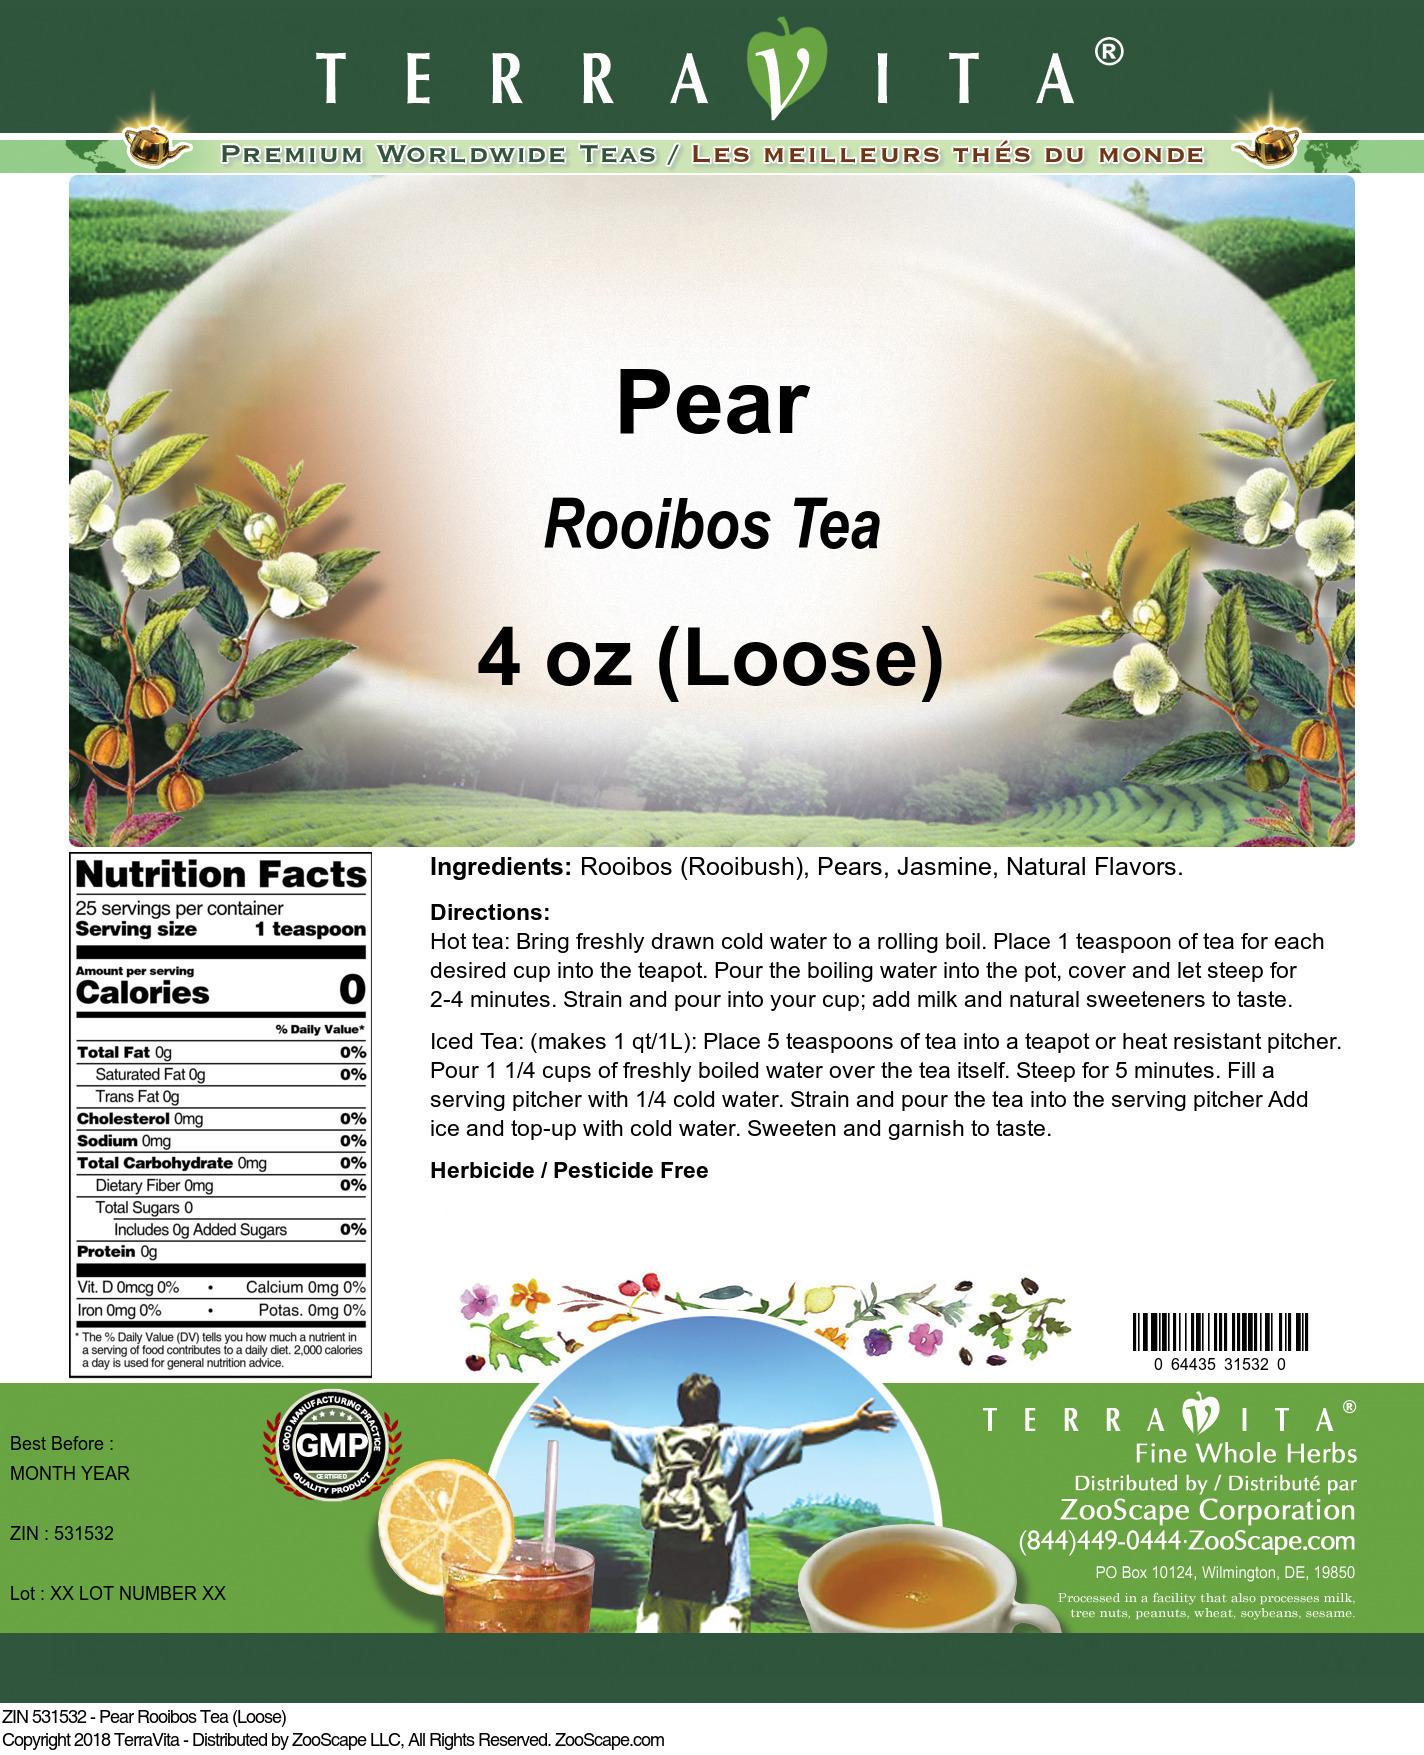 Pear Rooibos Tea (Loose)